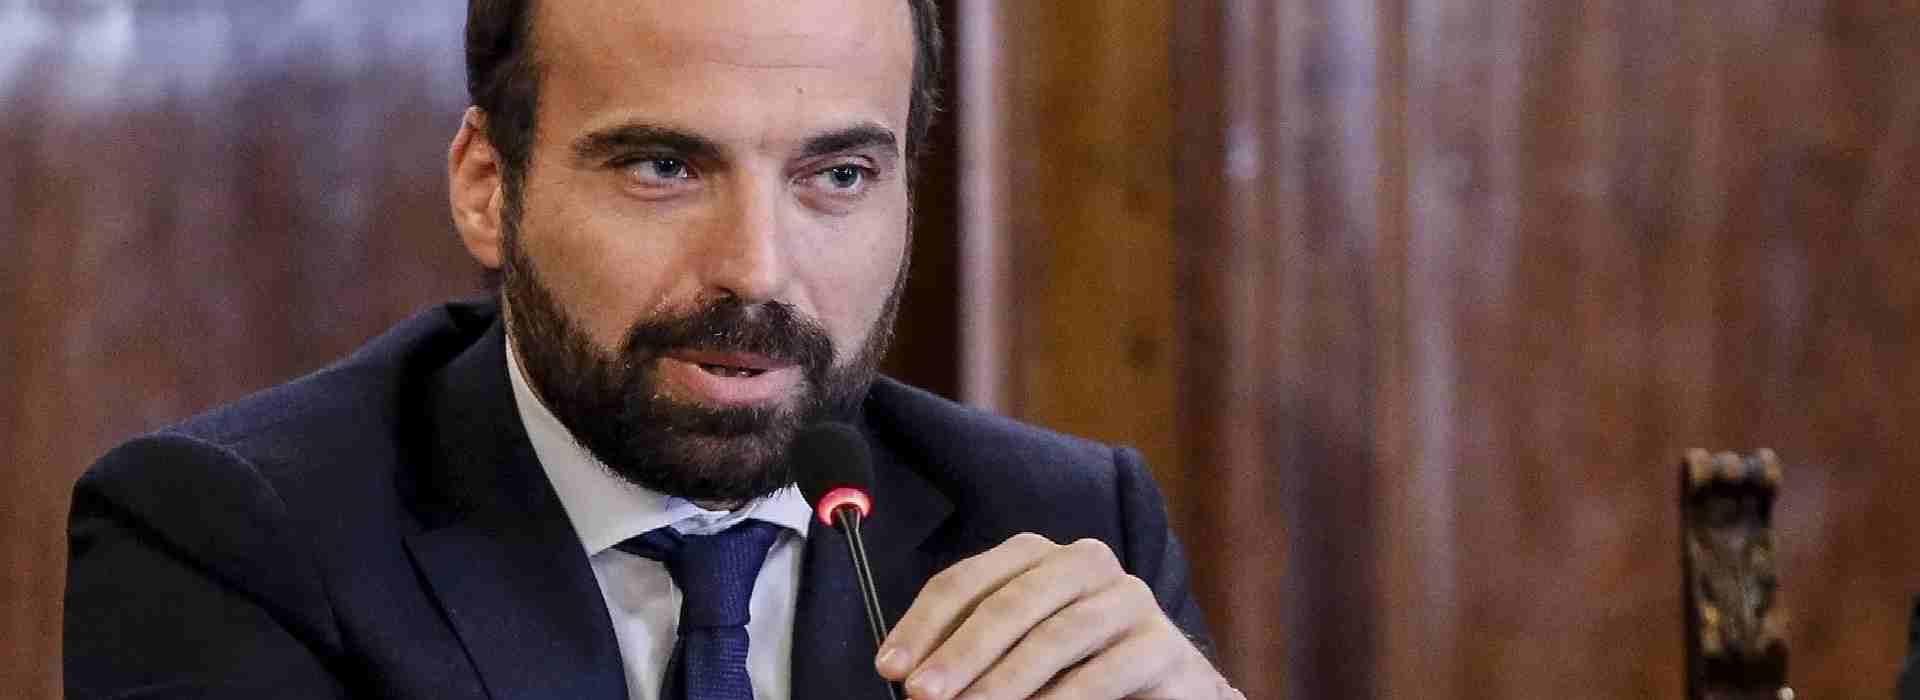 """Luigi Marattin multato dai carabinieri per un pranzo in terrazza. """"Chiedo scusa"""""""